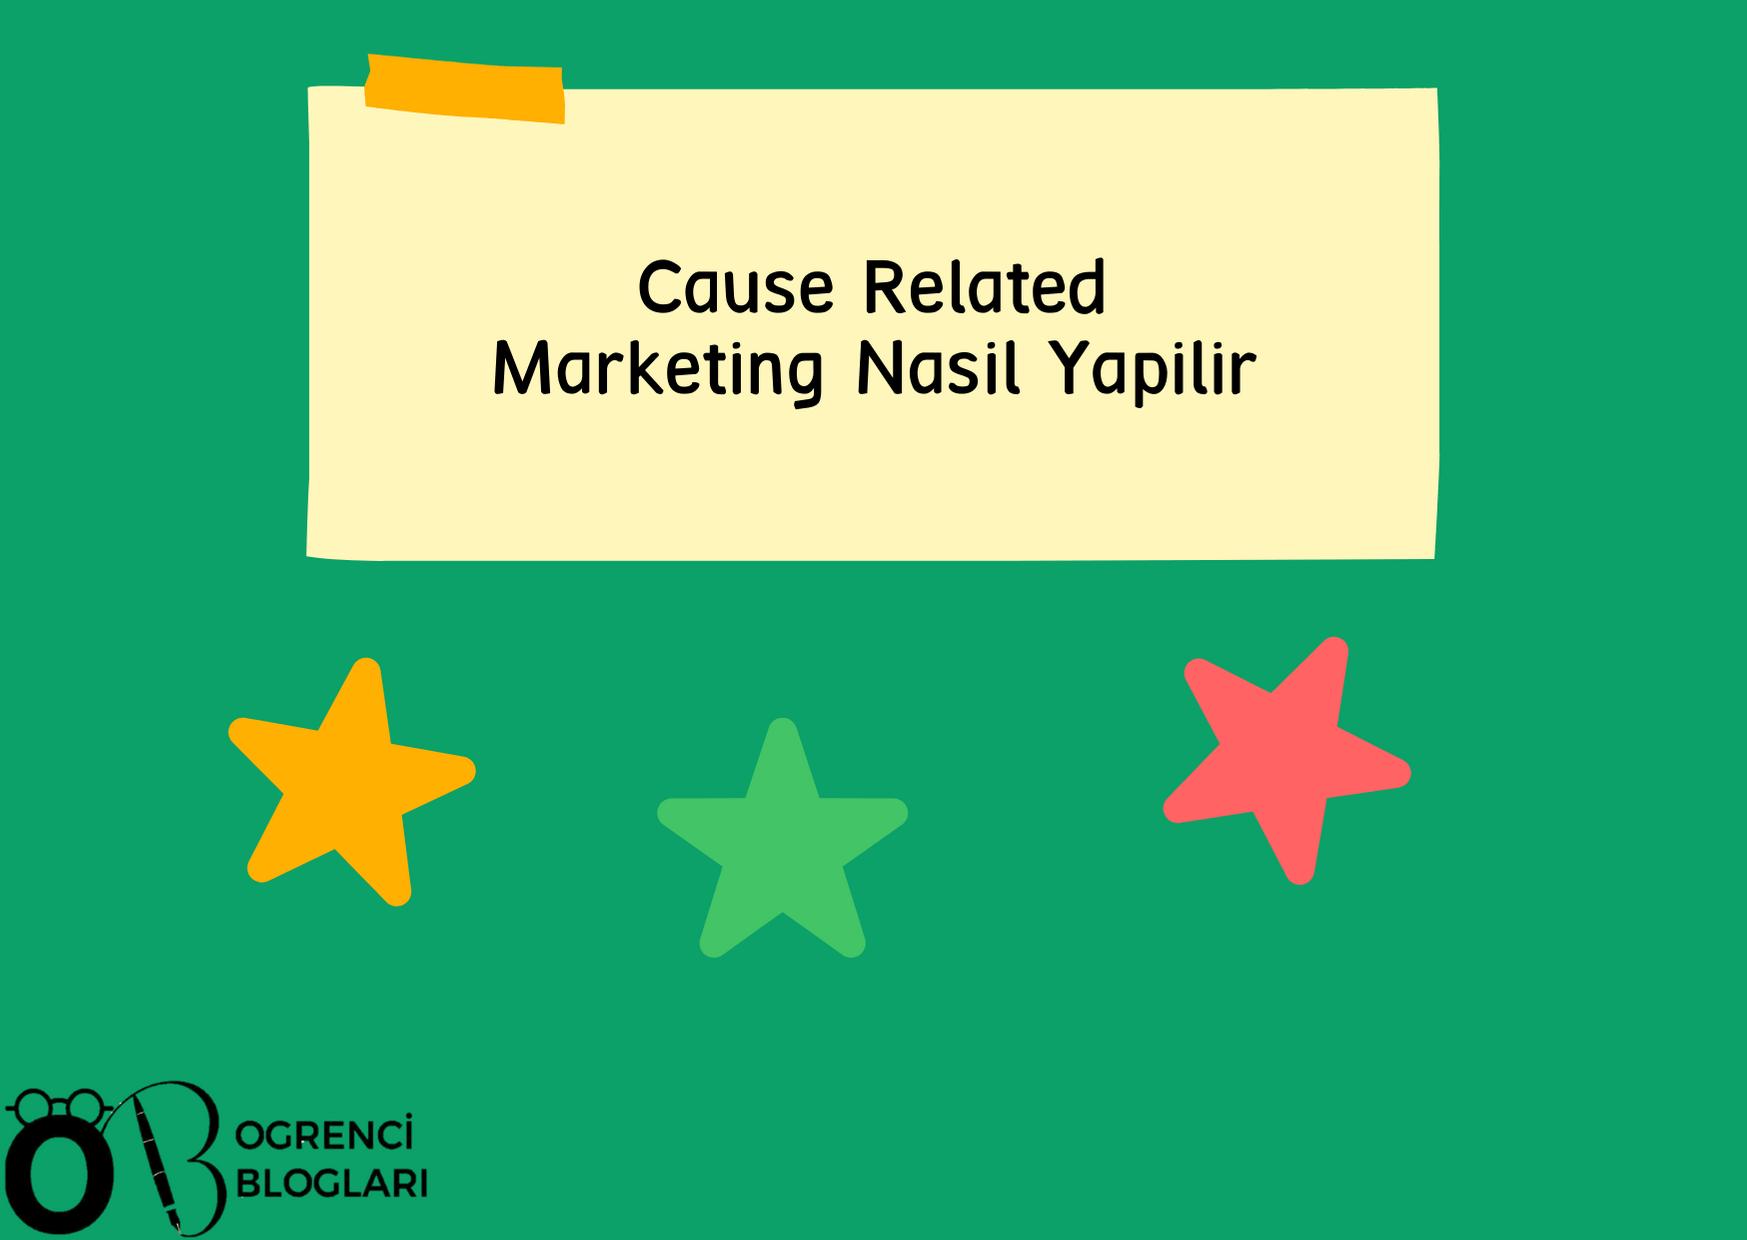 Cause Related Marketing Nasıl Yapılır?